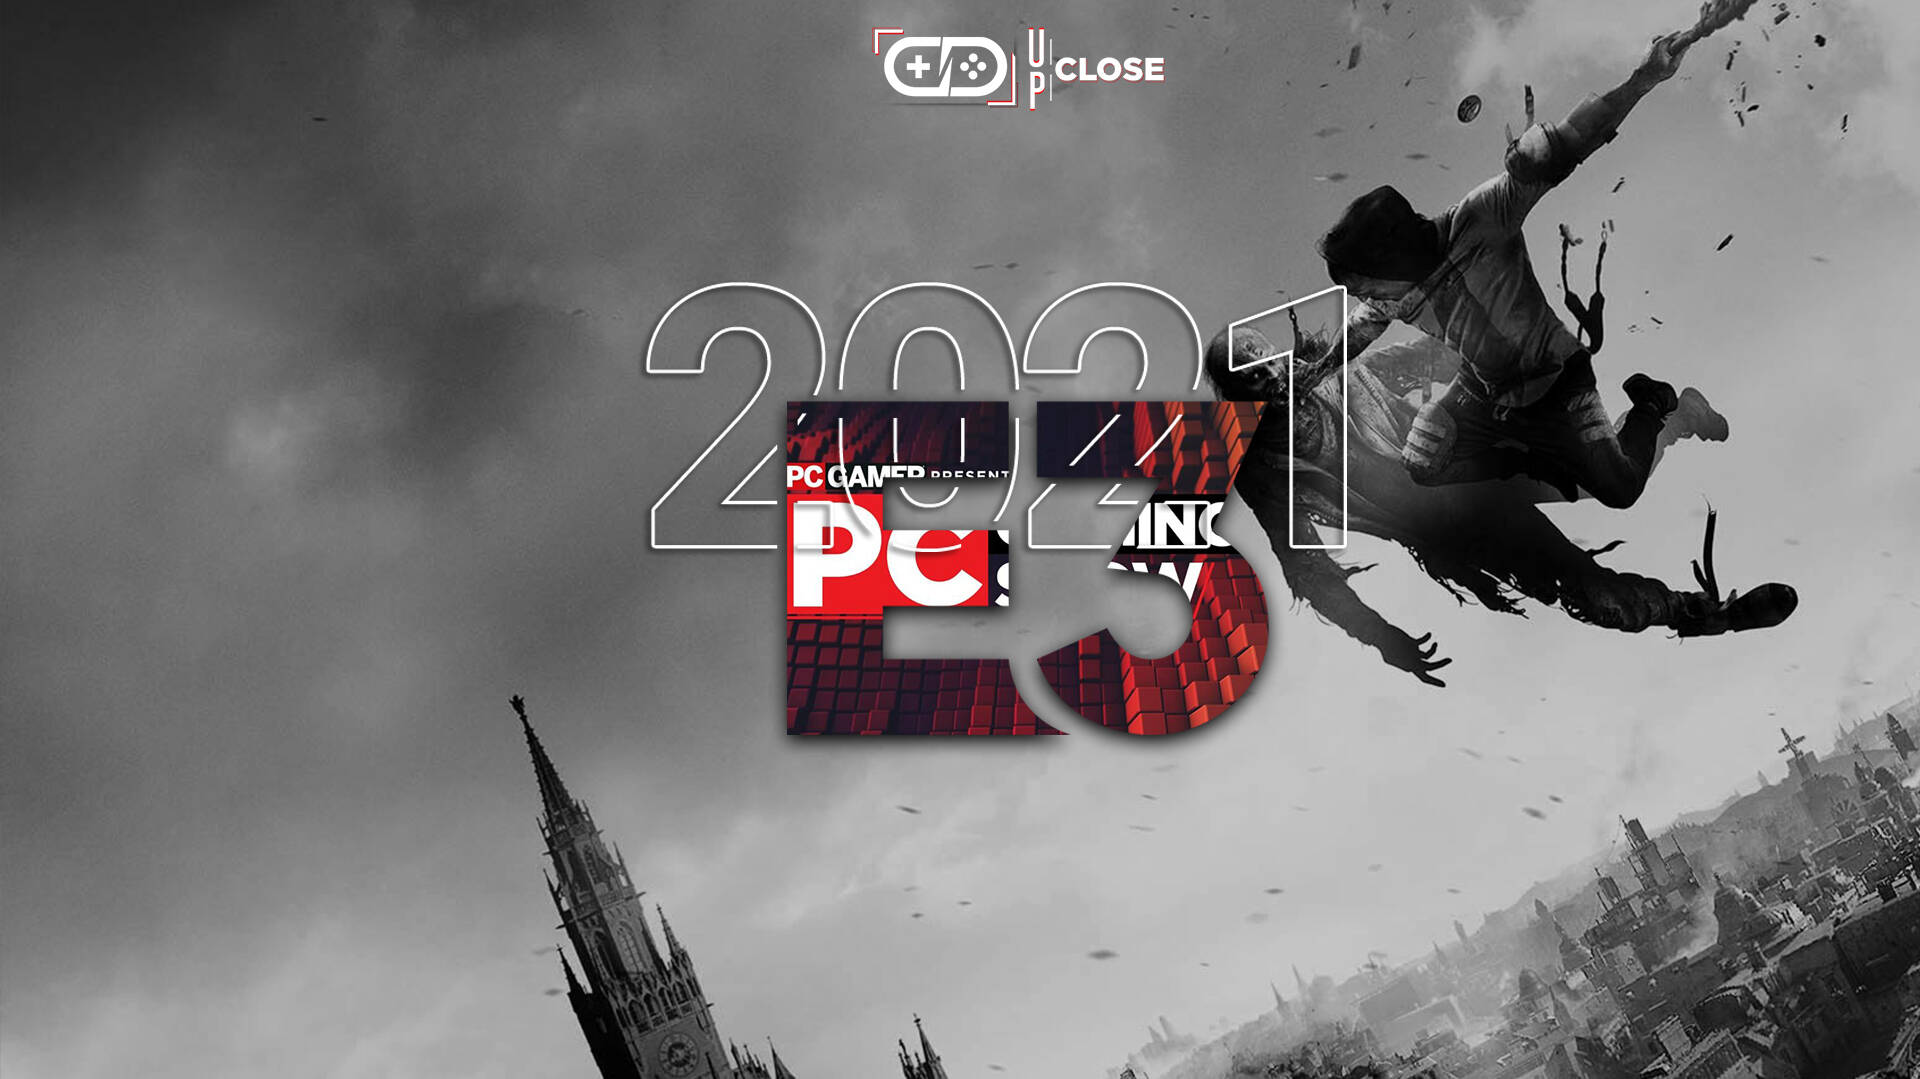 e3 2021 recap